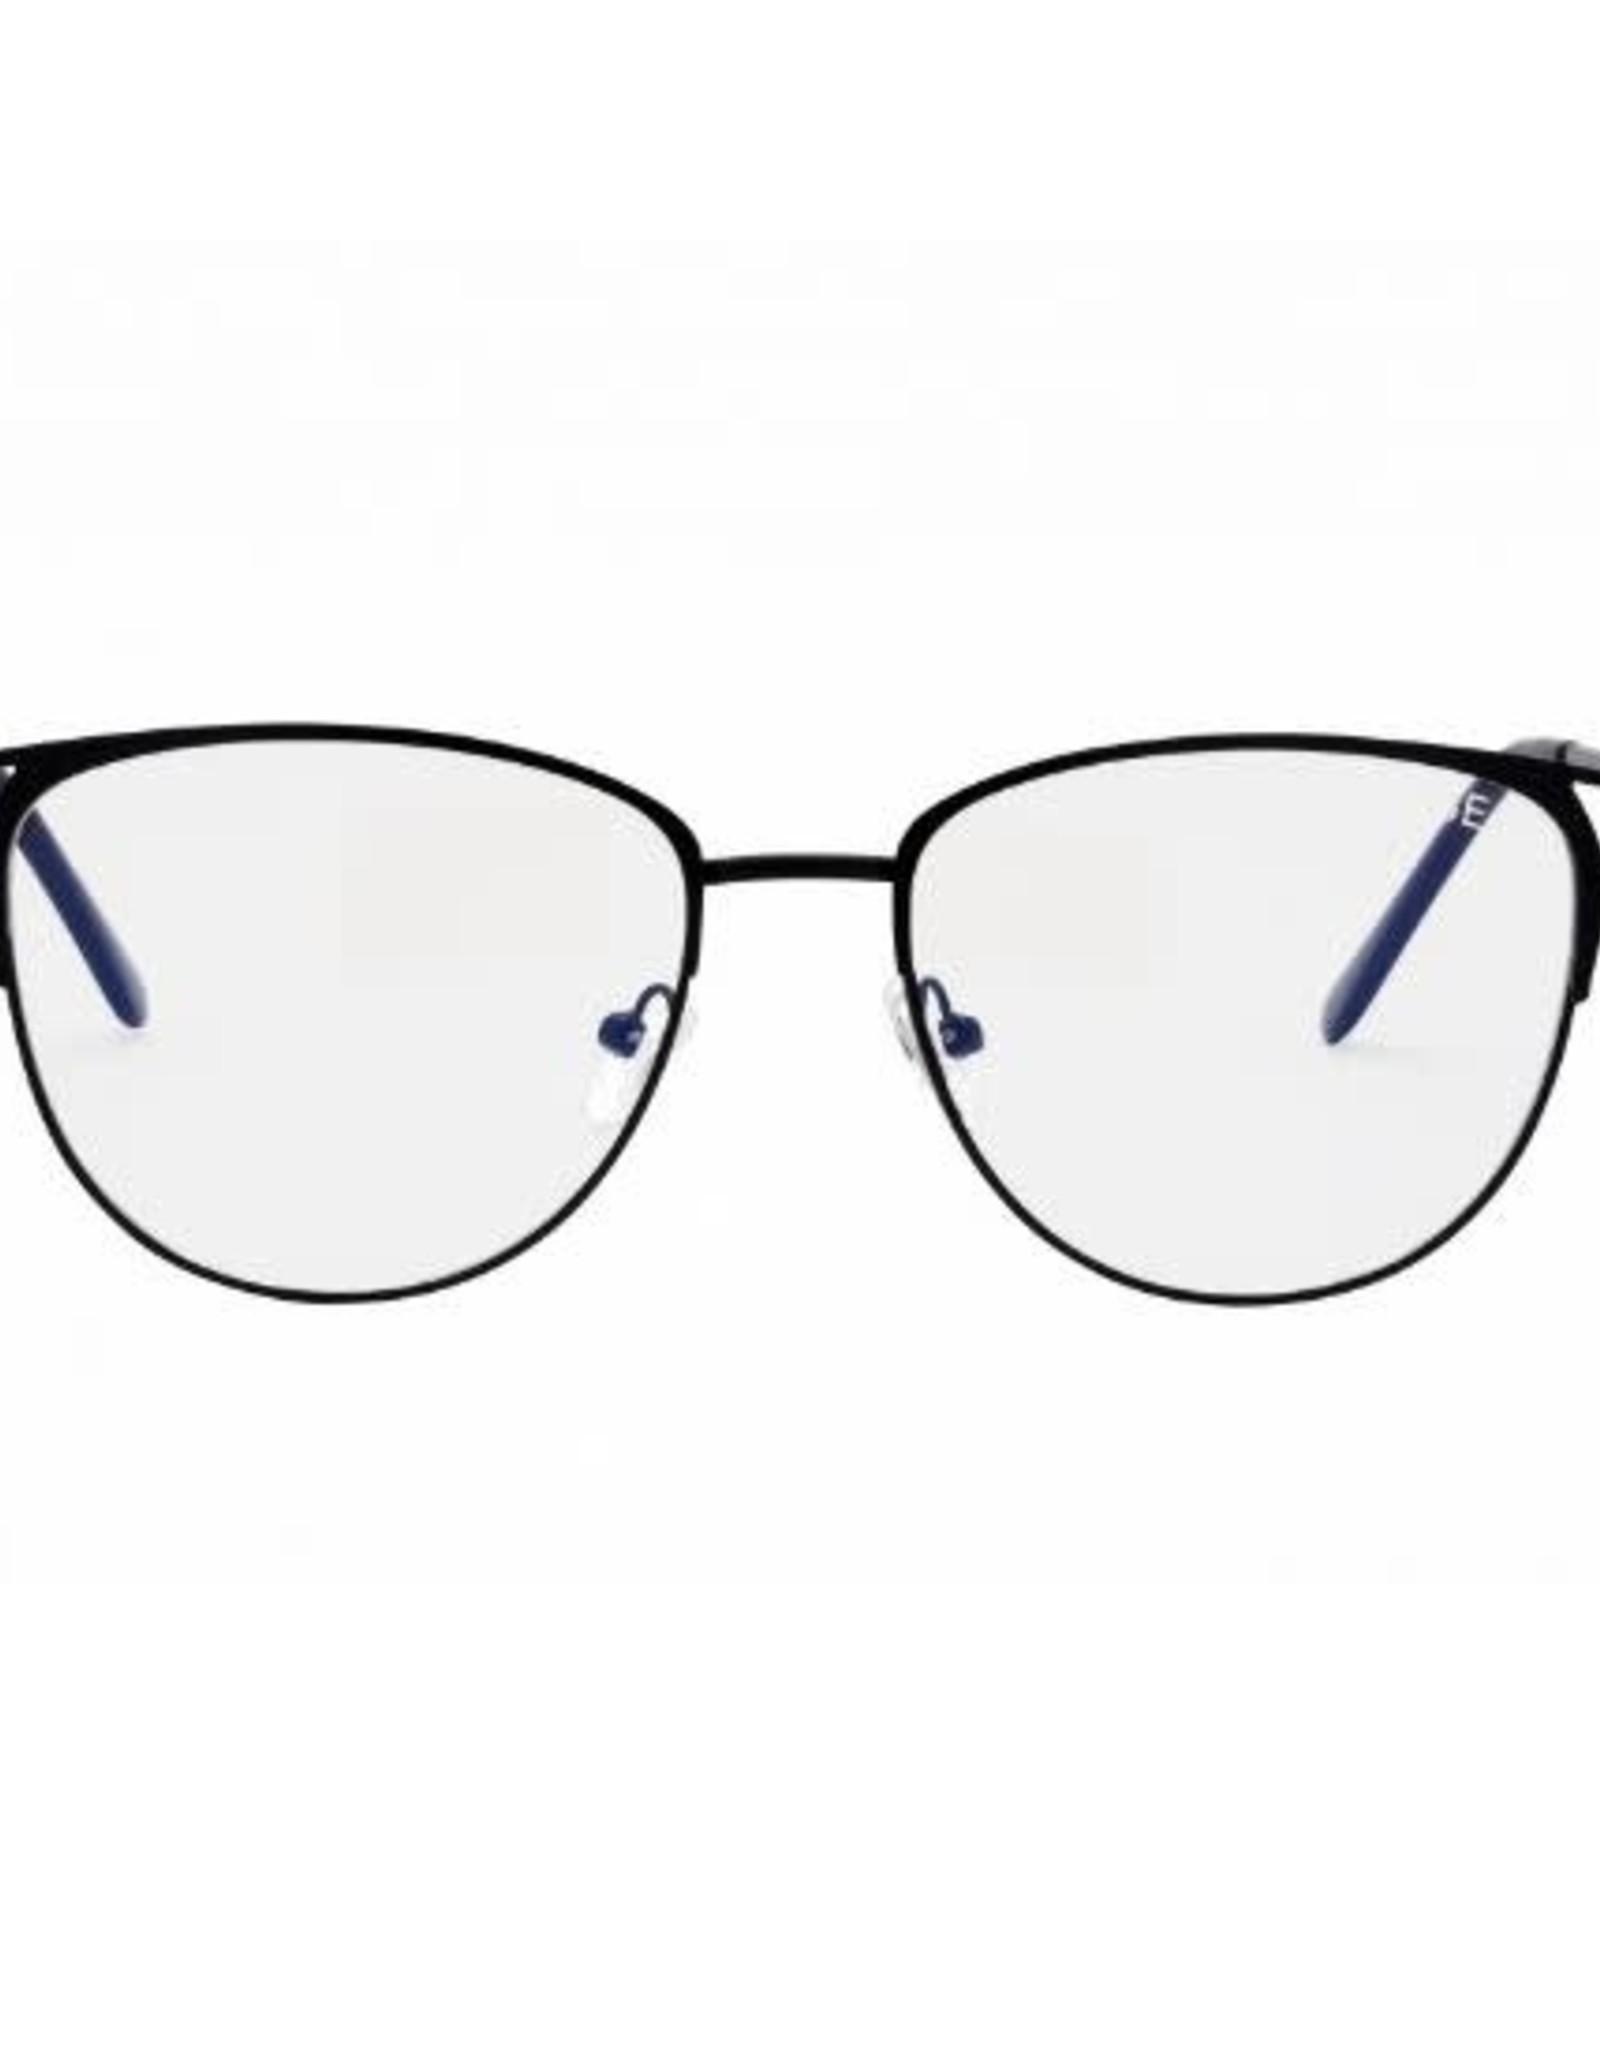 I SEA Jade Blue Light Glasses